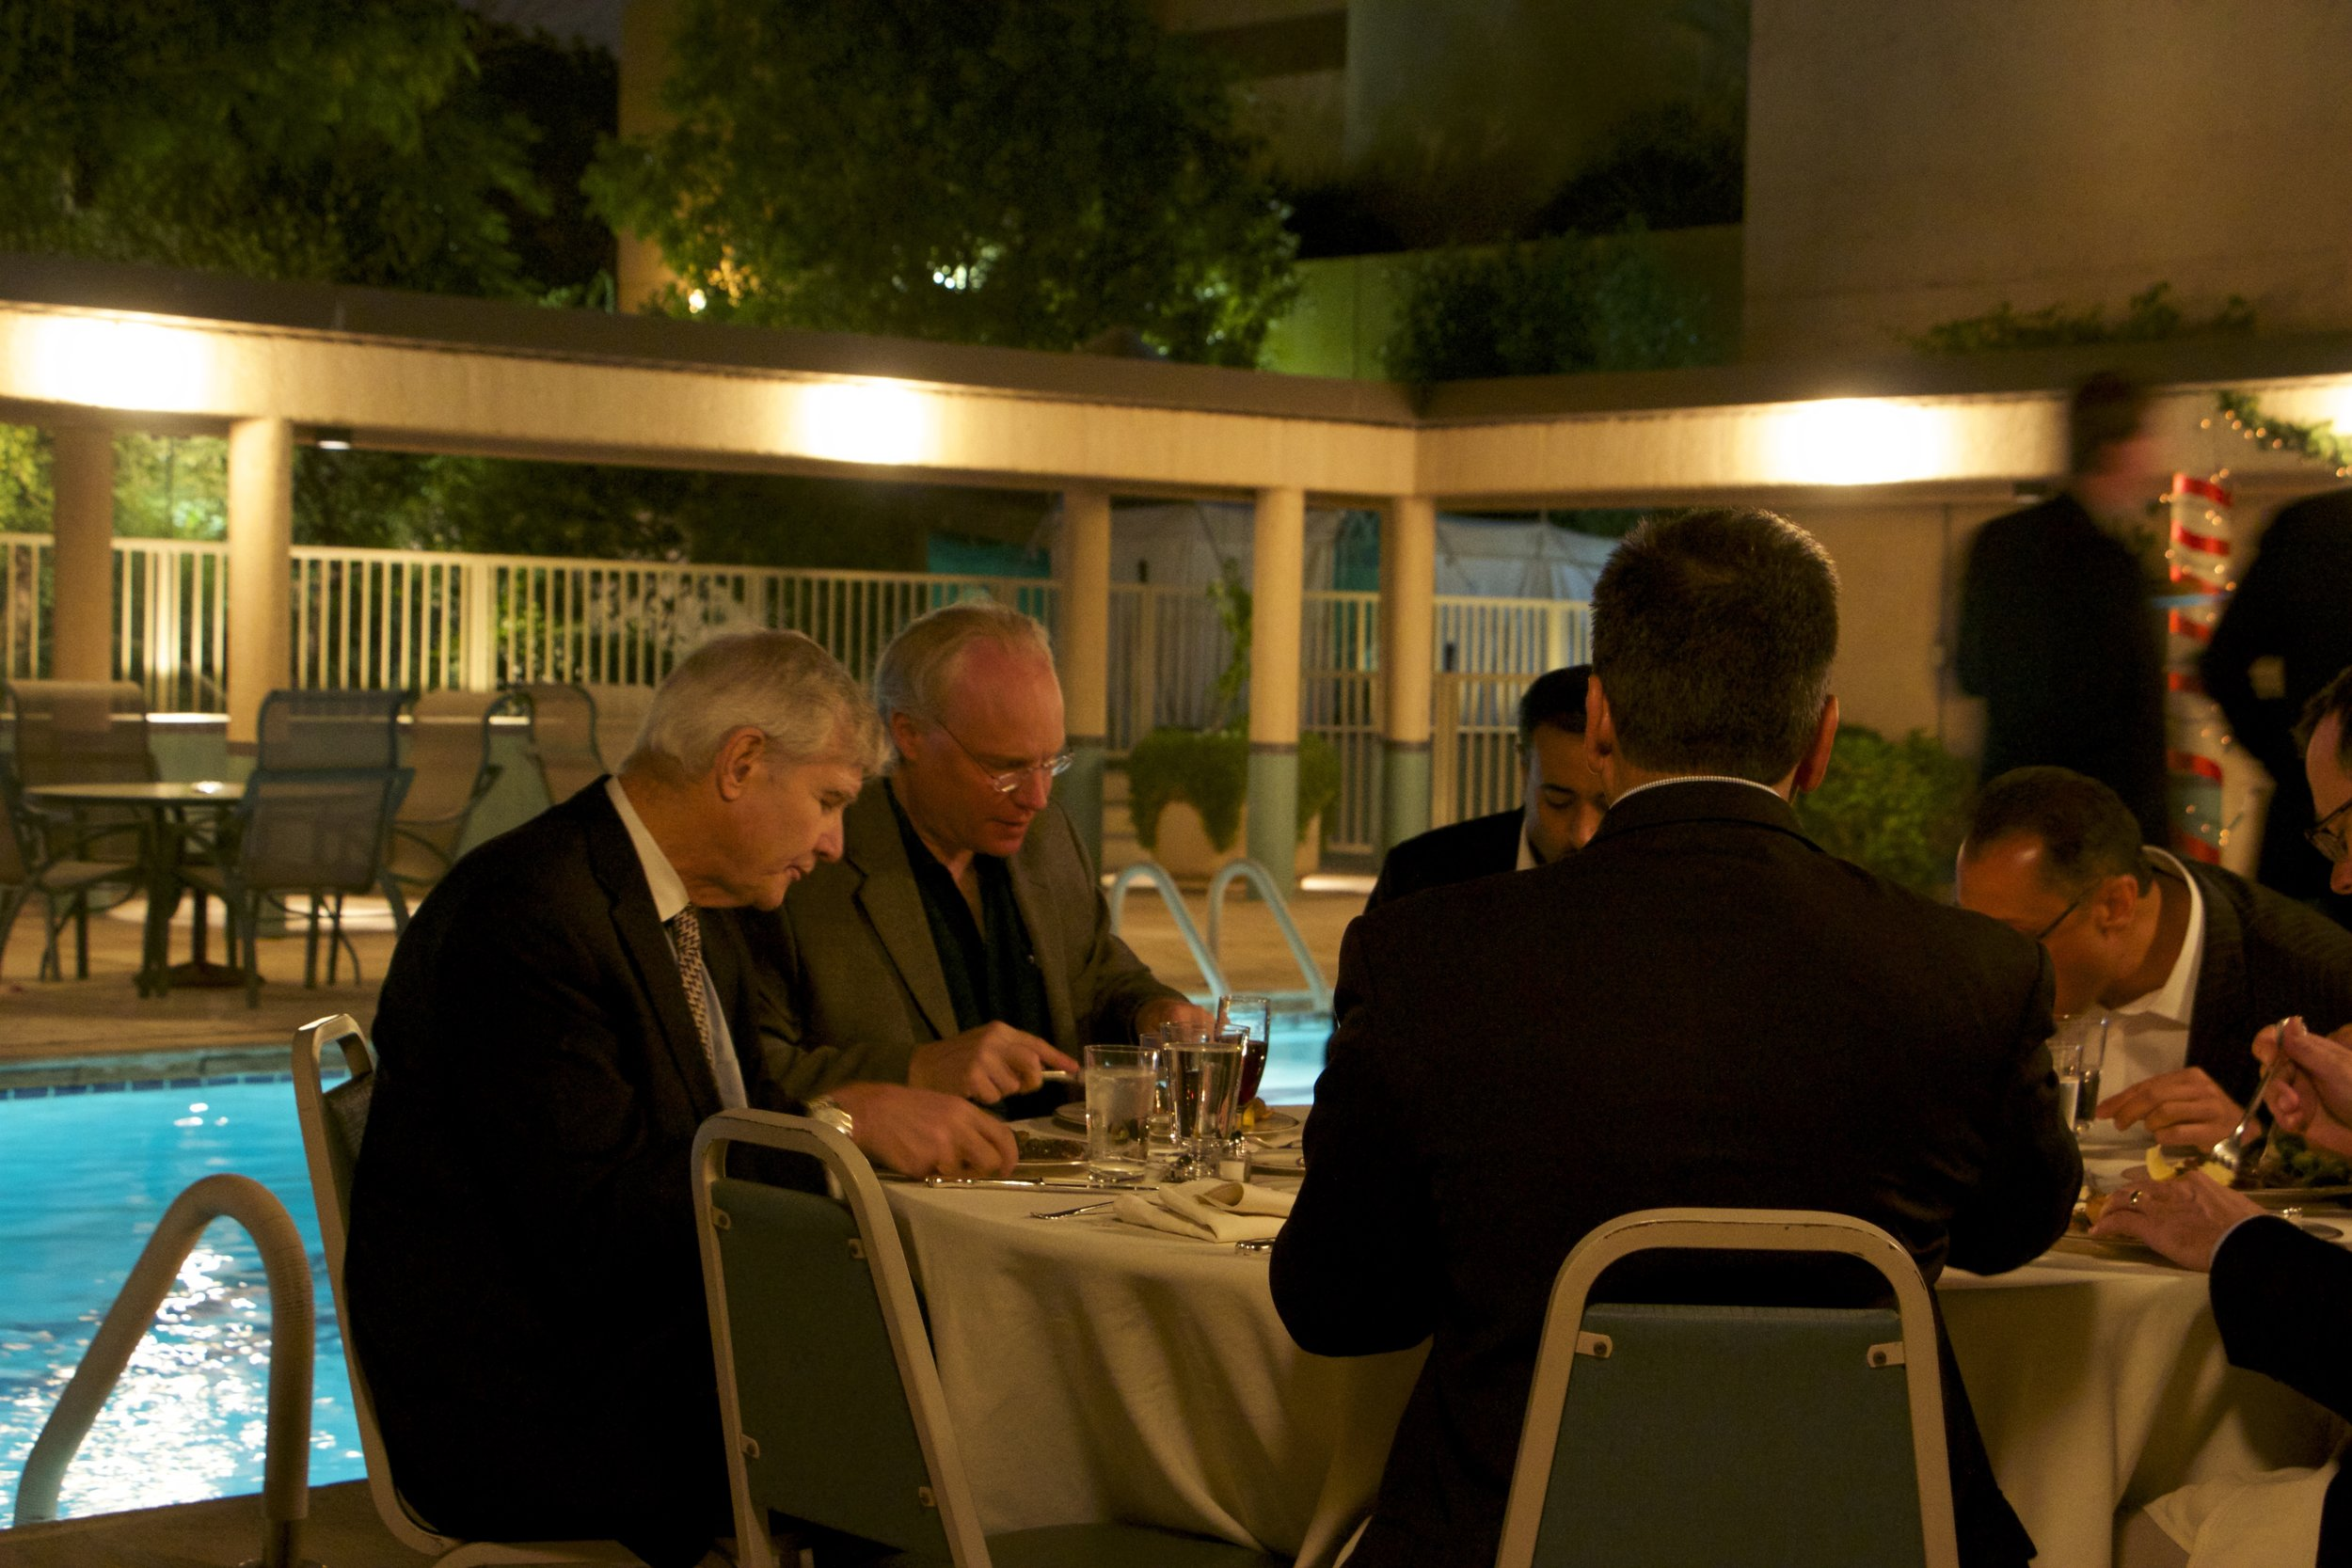 U.S. Delegates Enjoy Poolside Briefing at Ambassador's Residence